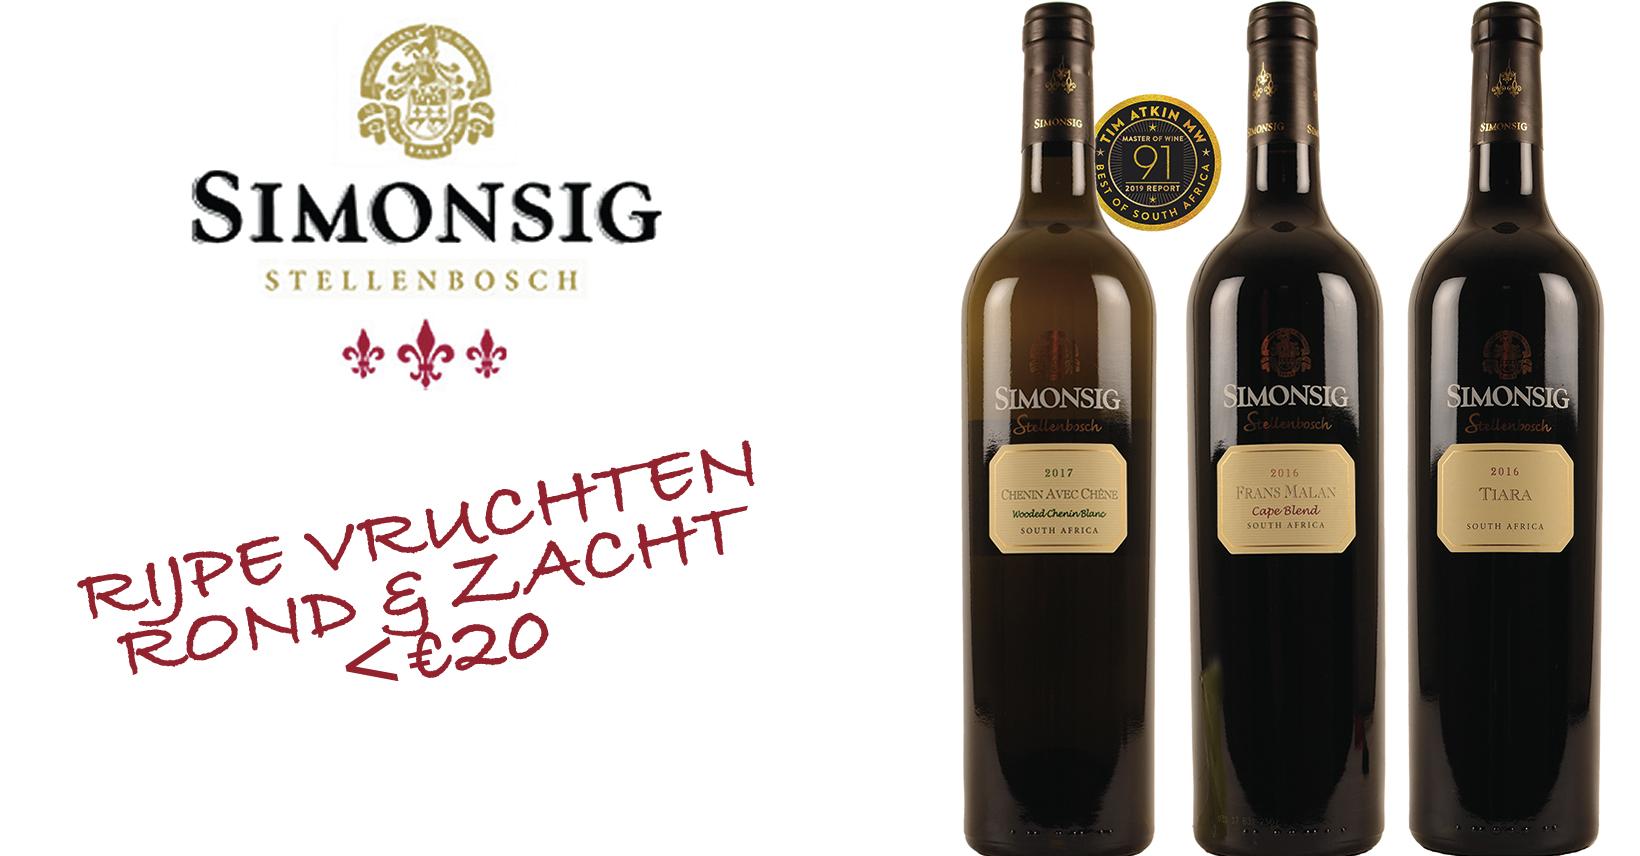 simonsig top wijn zuid-afrika zuid-afrikaans promo stellenbosch